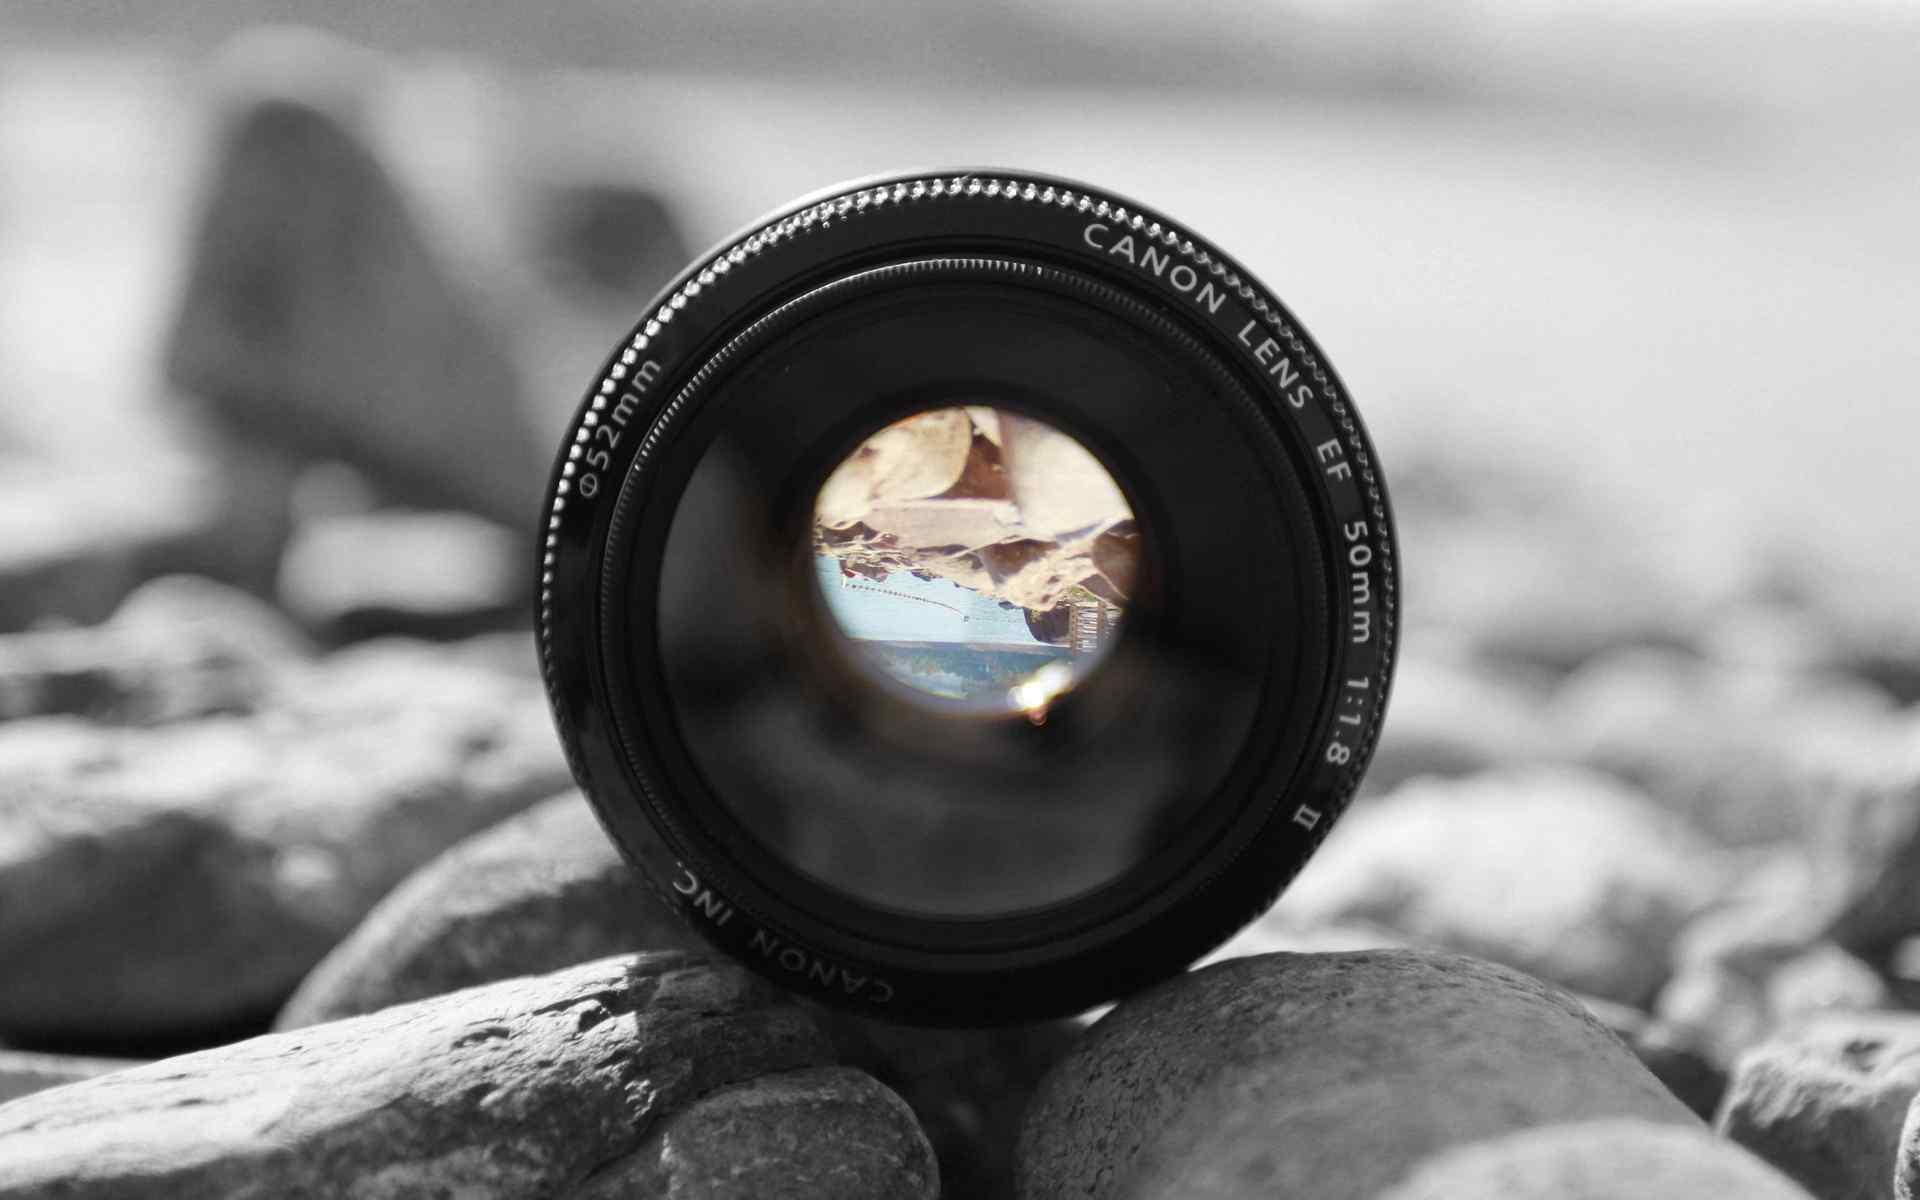 单反相机定焦镜头50mm海边风景唯美桌面壁纸